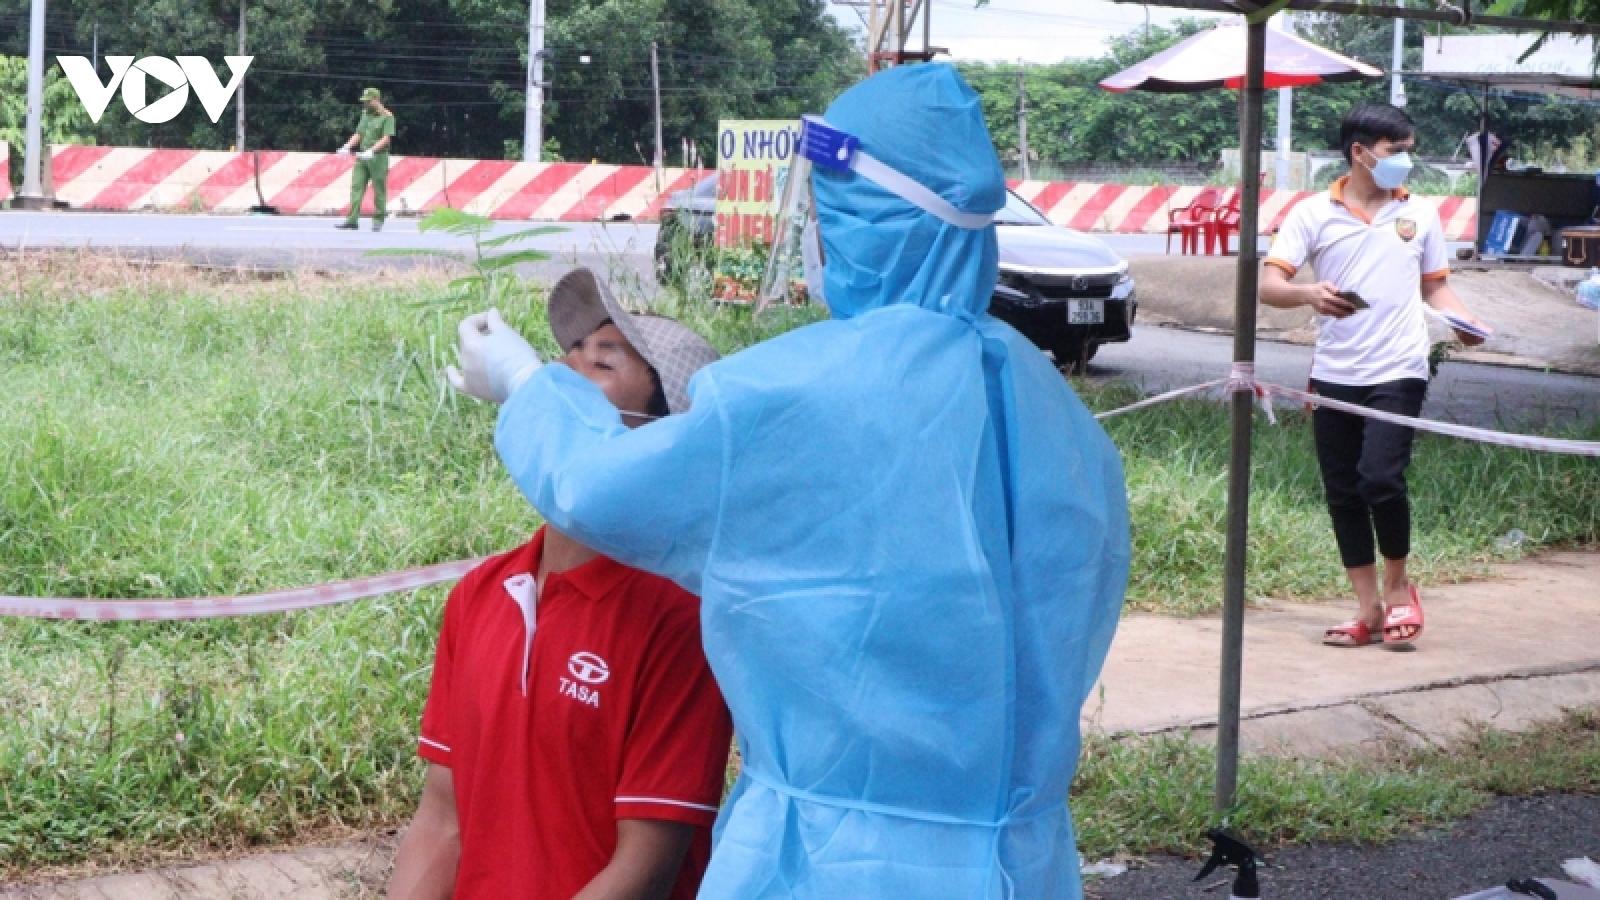 Test nhanh, nhiều tài xế dương tính với SARS-CoV-2 khi vào địa bàn Bình Phước